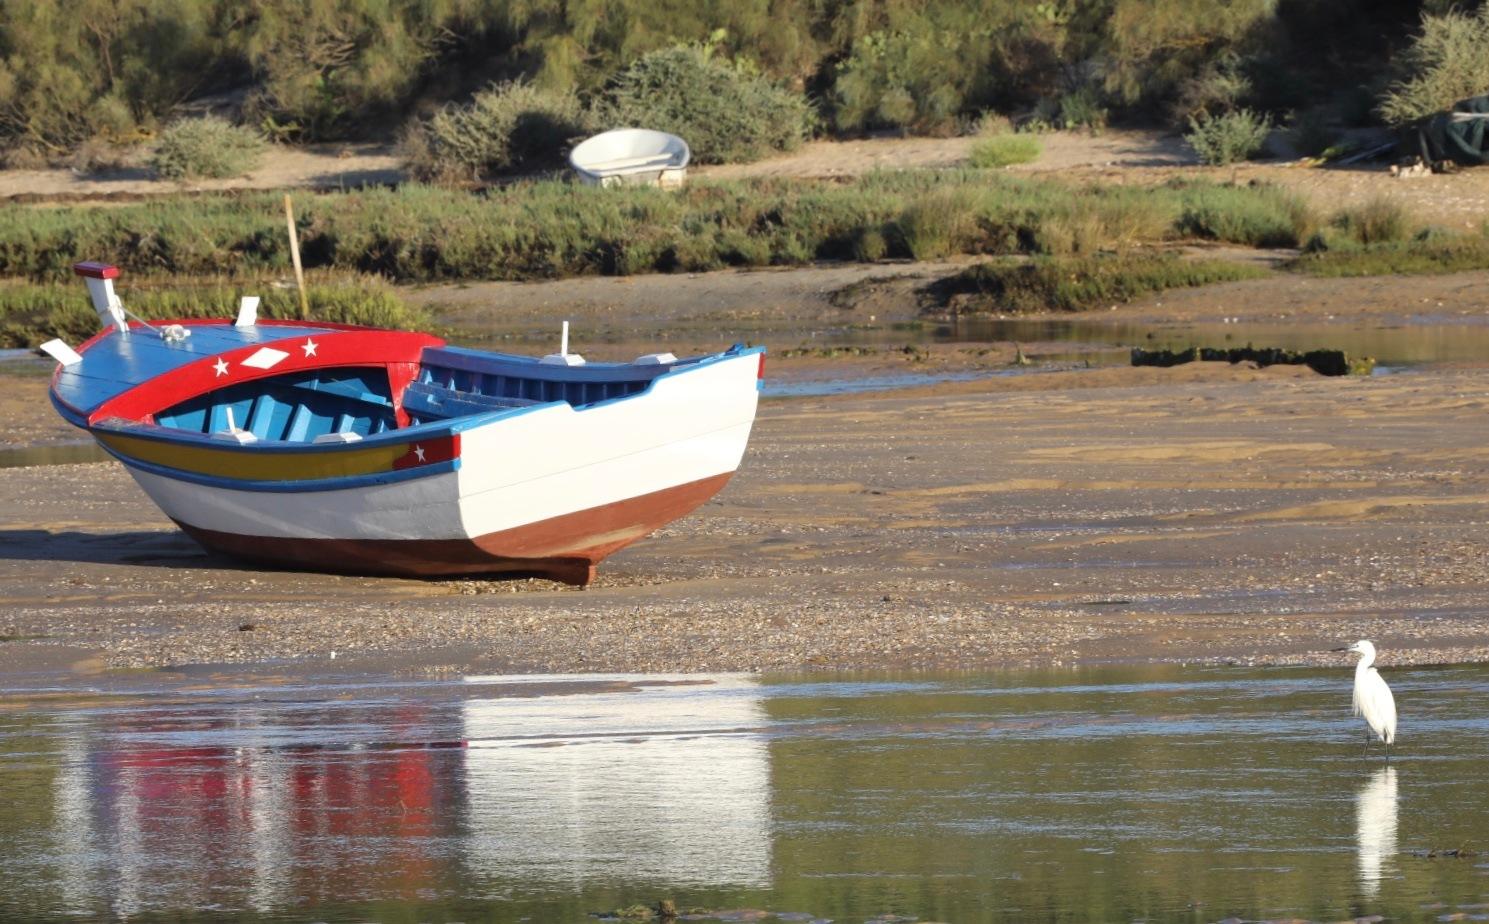 Looking at the boat by Francisco Sá da Bandeira